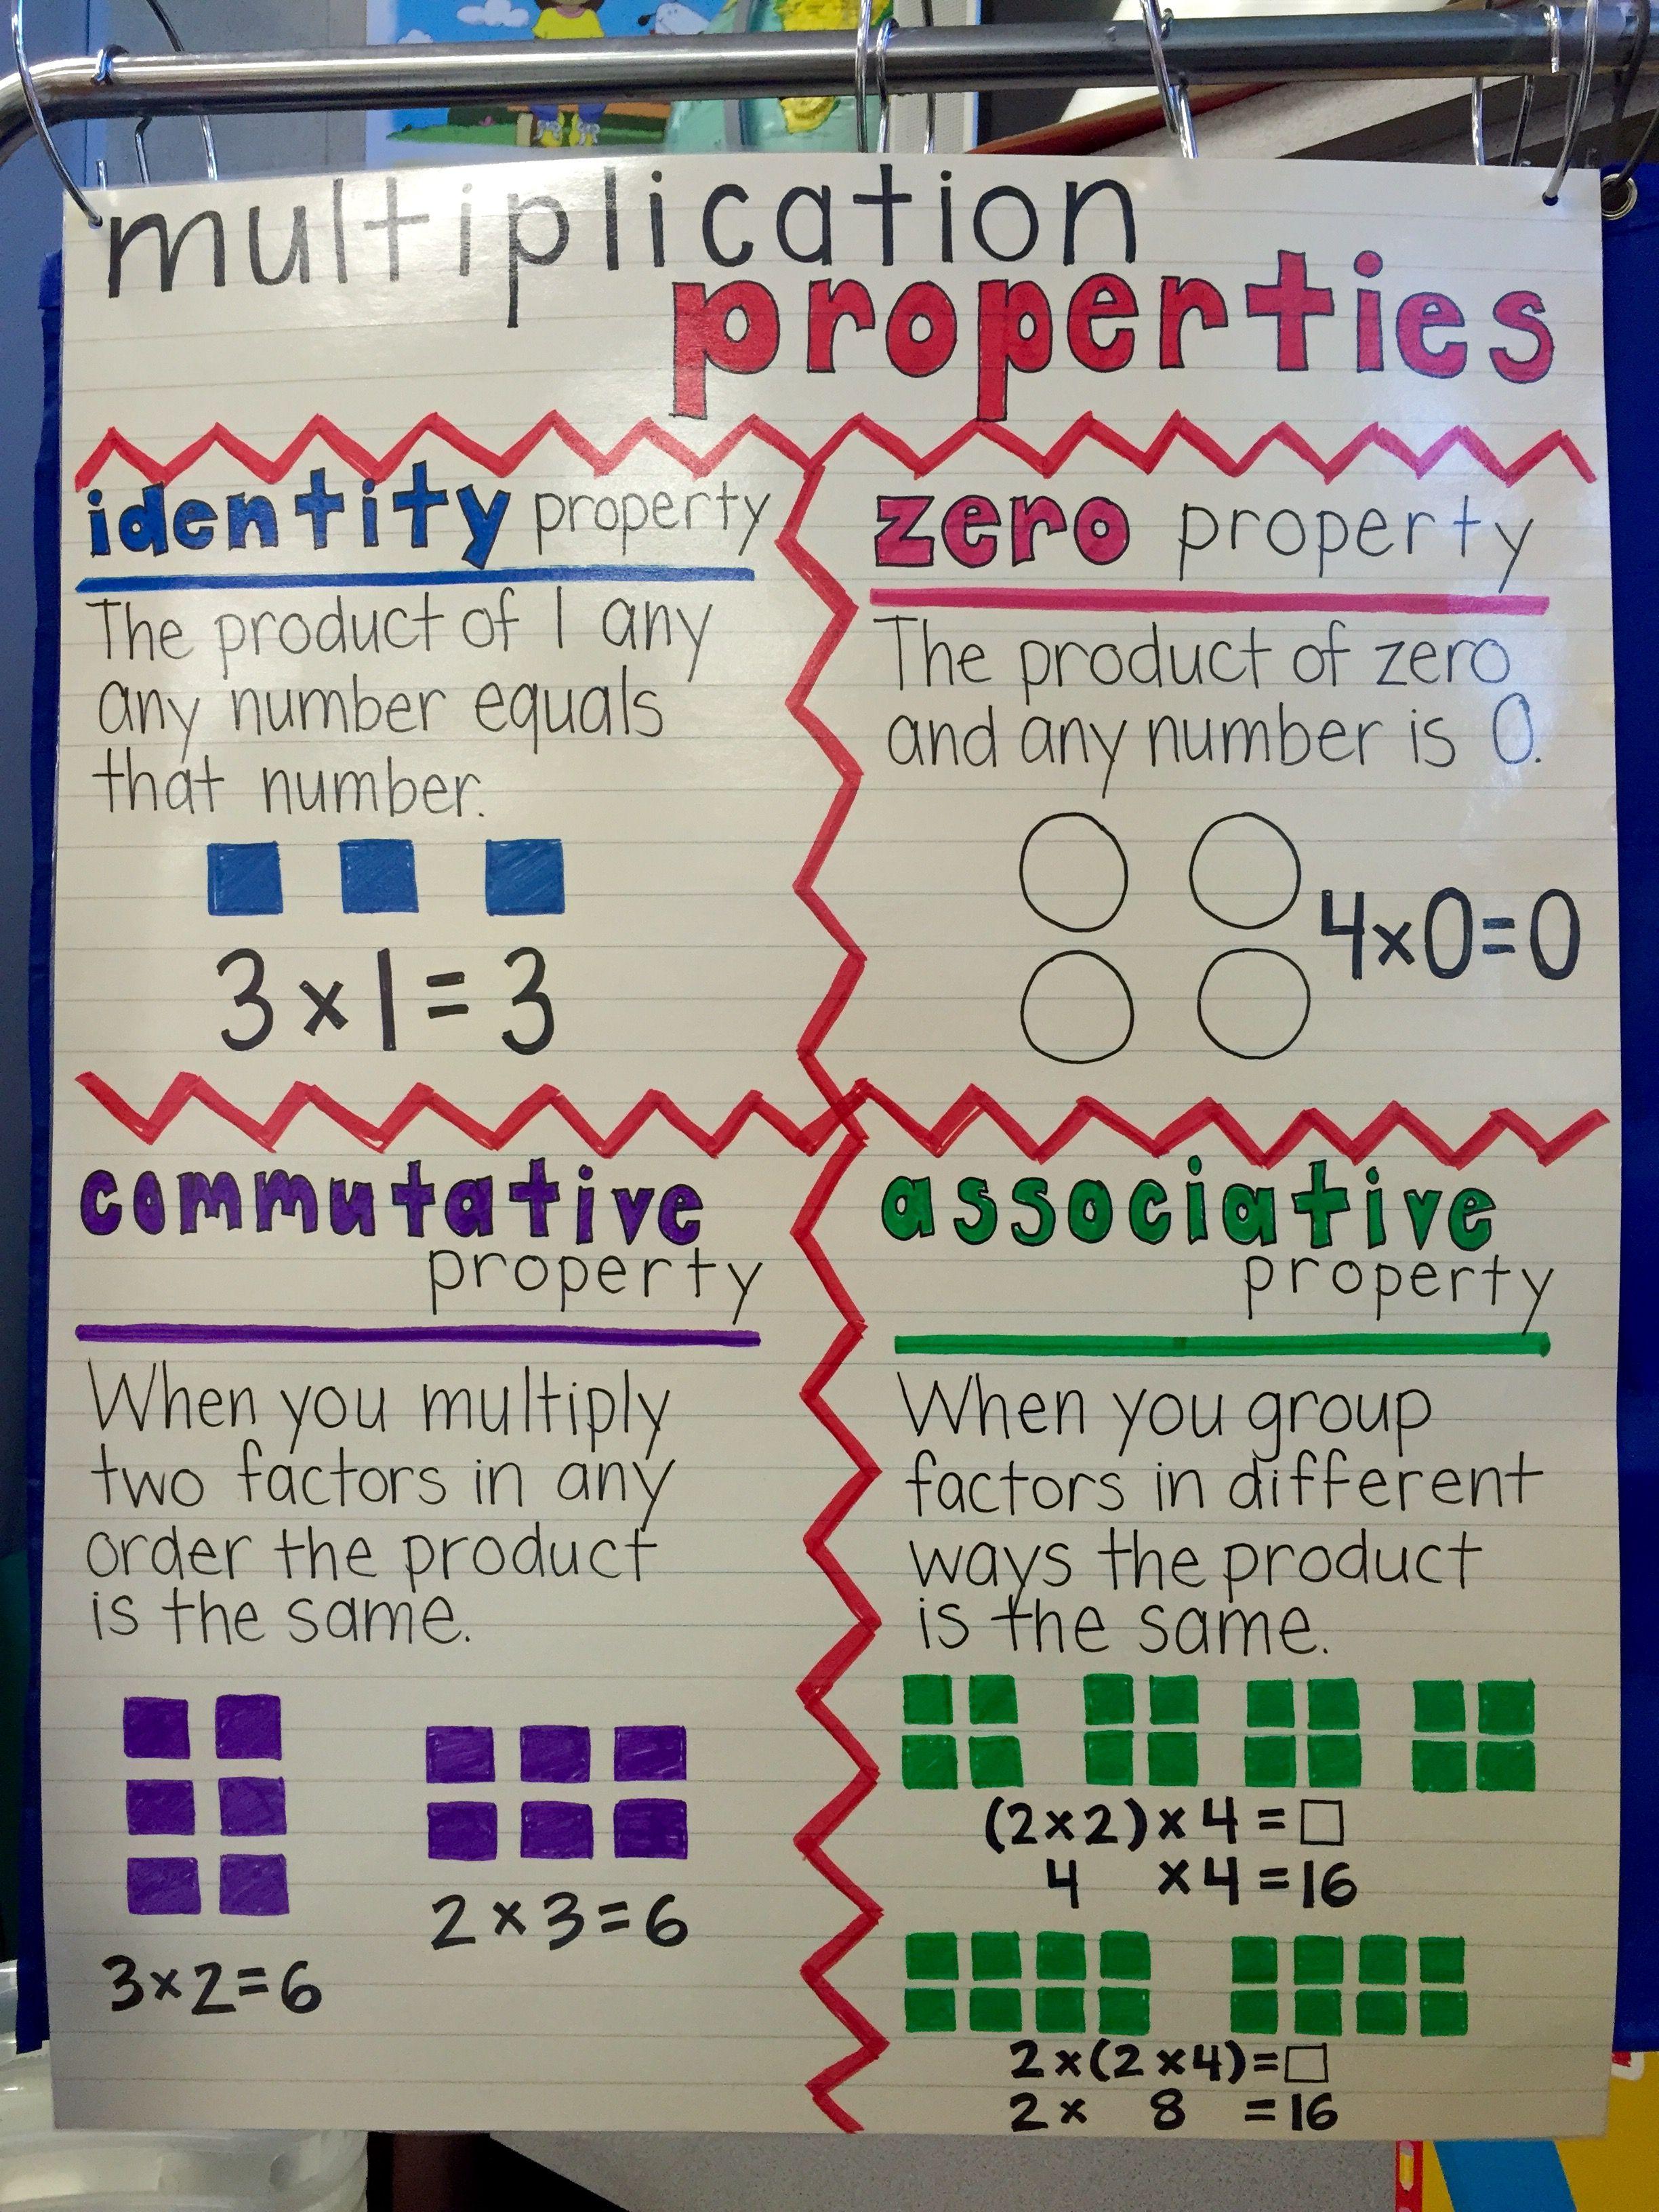 Multiplication Properties Poster 3rd Grade